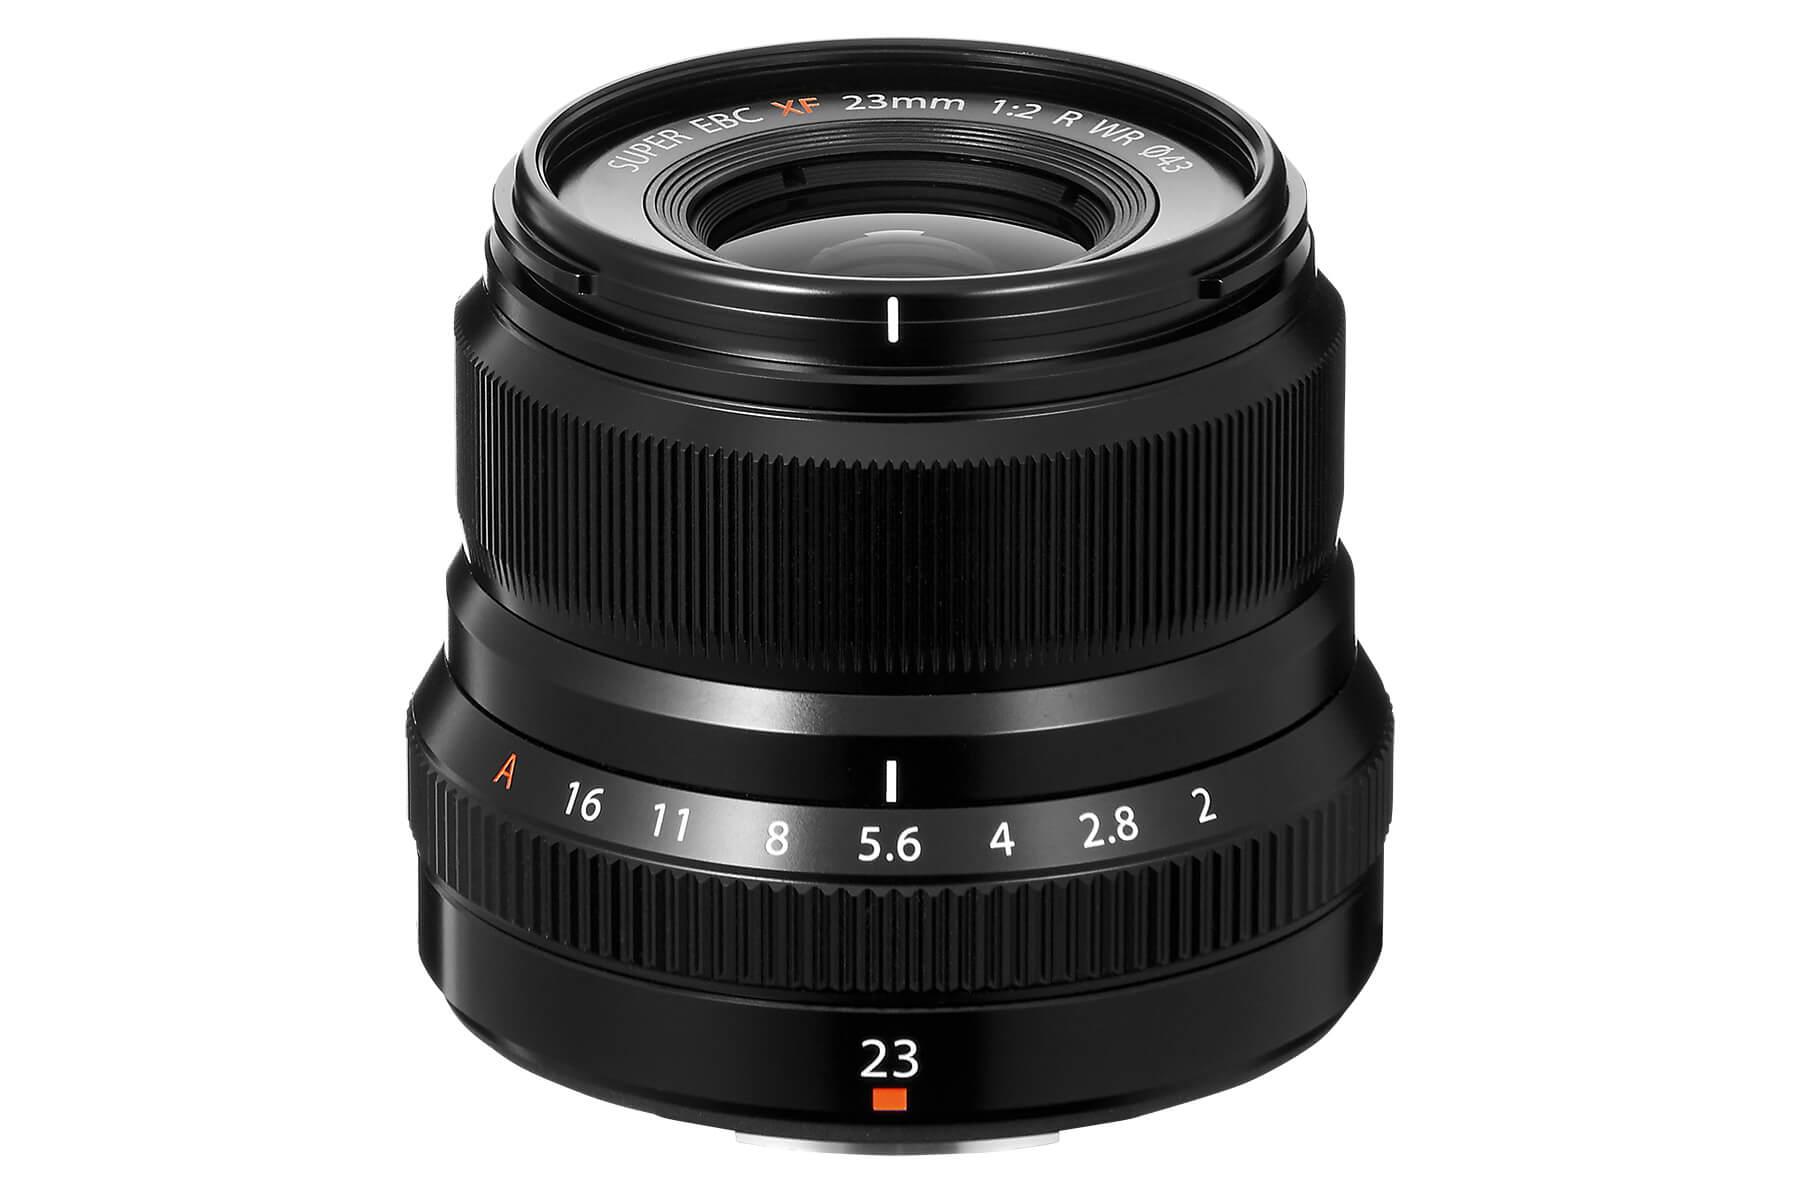 Fujifilm XF23mm f/2 R WR